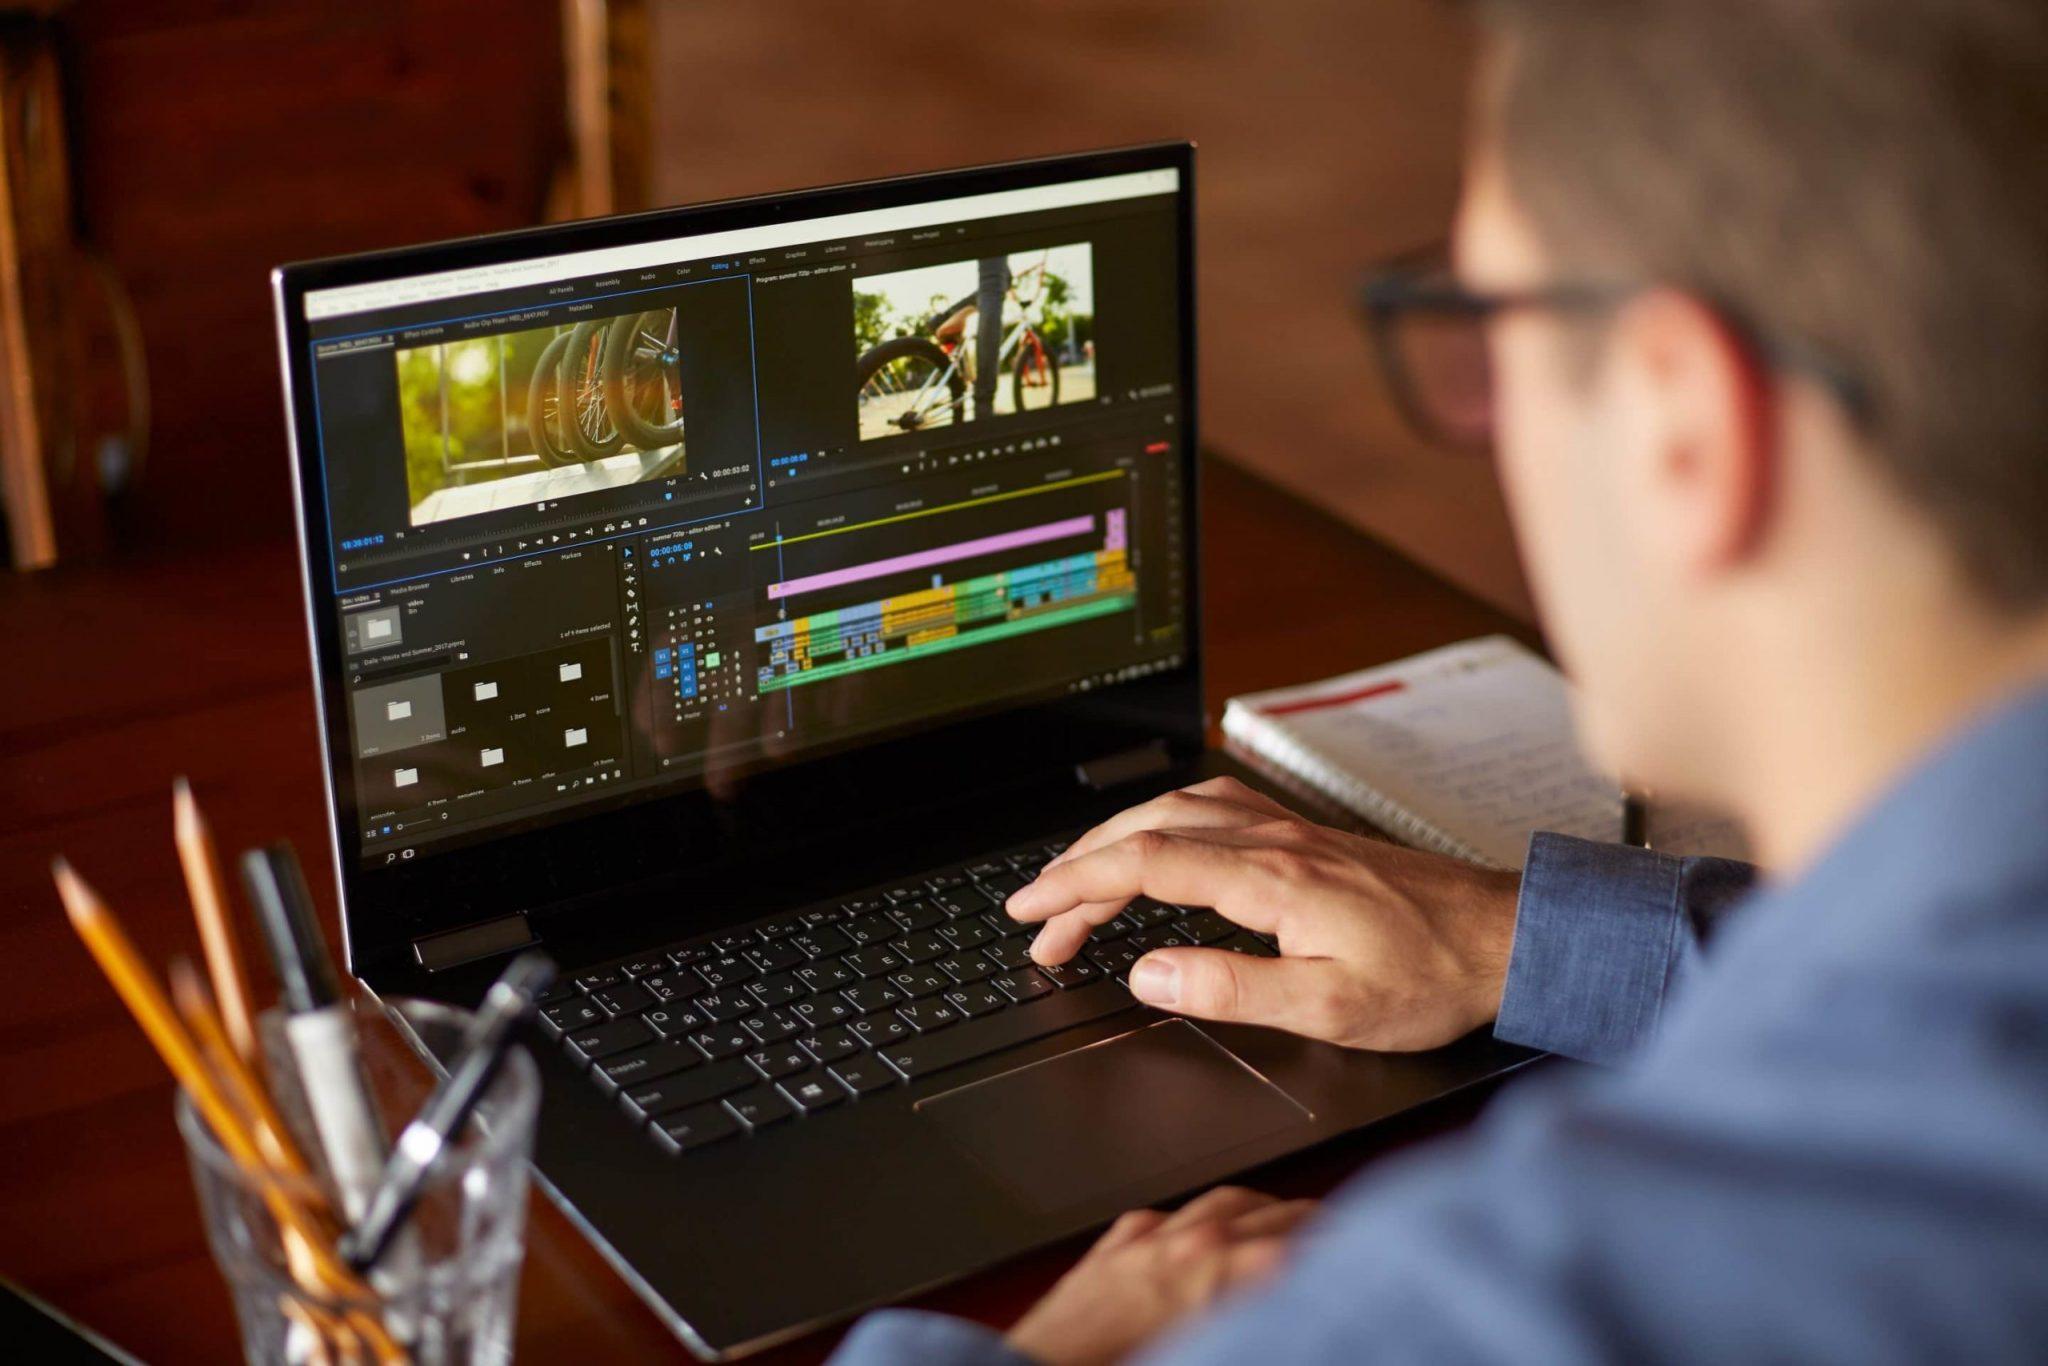 تحميل افضل برنامج مونتاج فيديو احترافي للكمبيوتر 2021 اخر اصدار